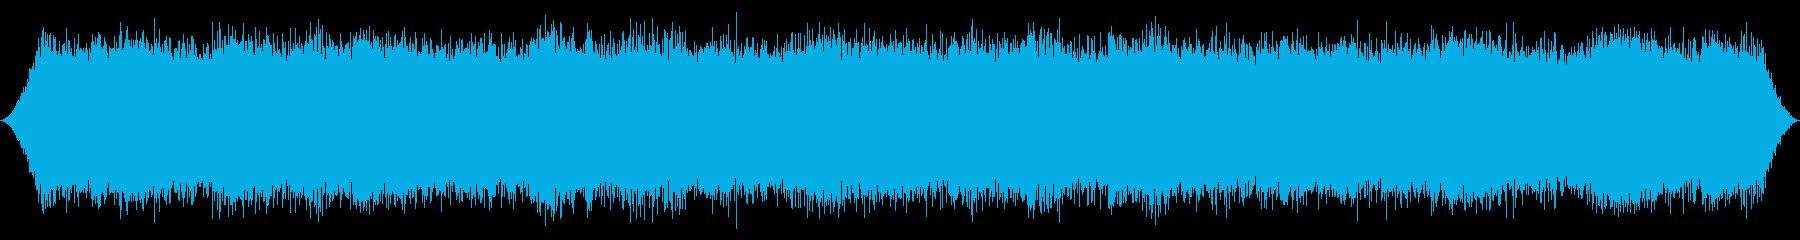 口histの風:軽い摩擦のガス、低...の再生済みの波形